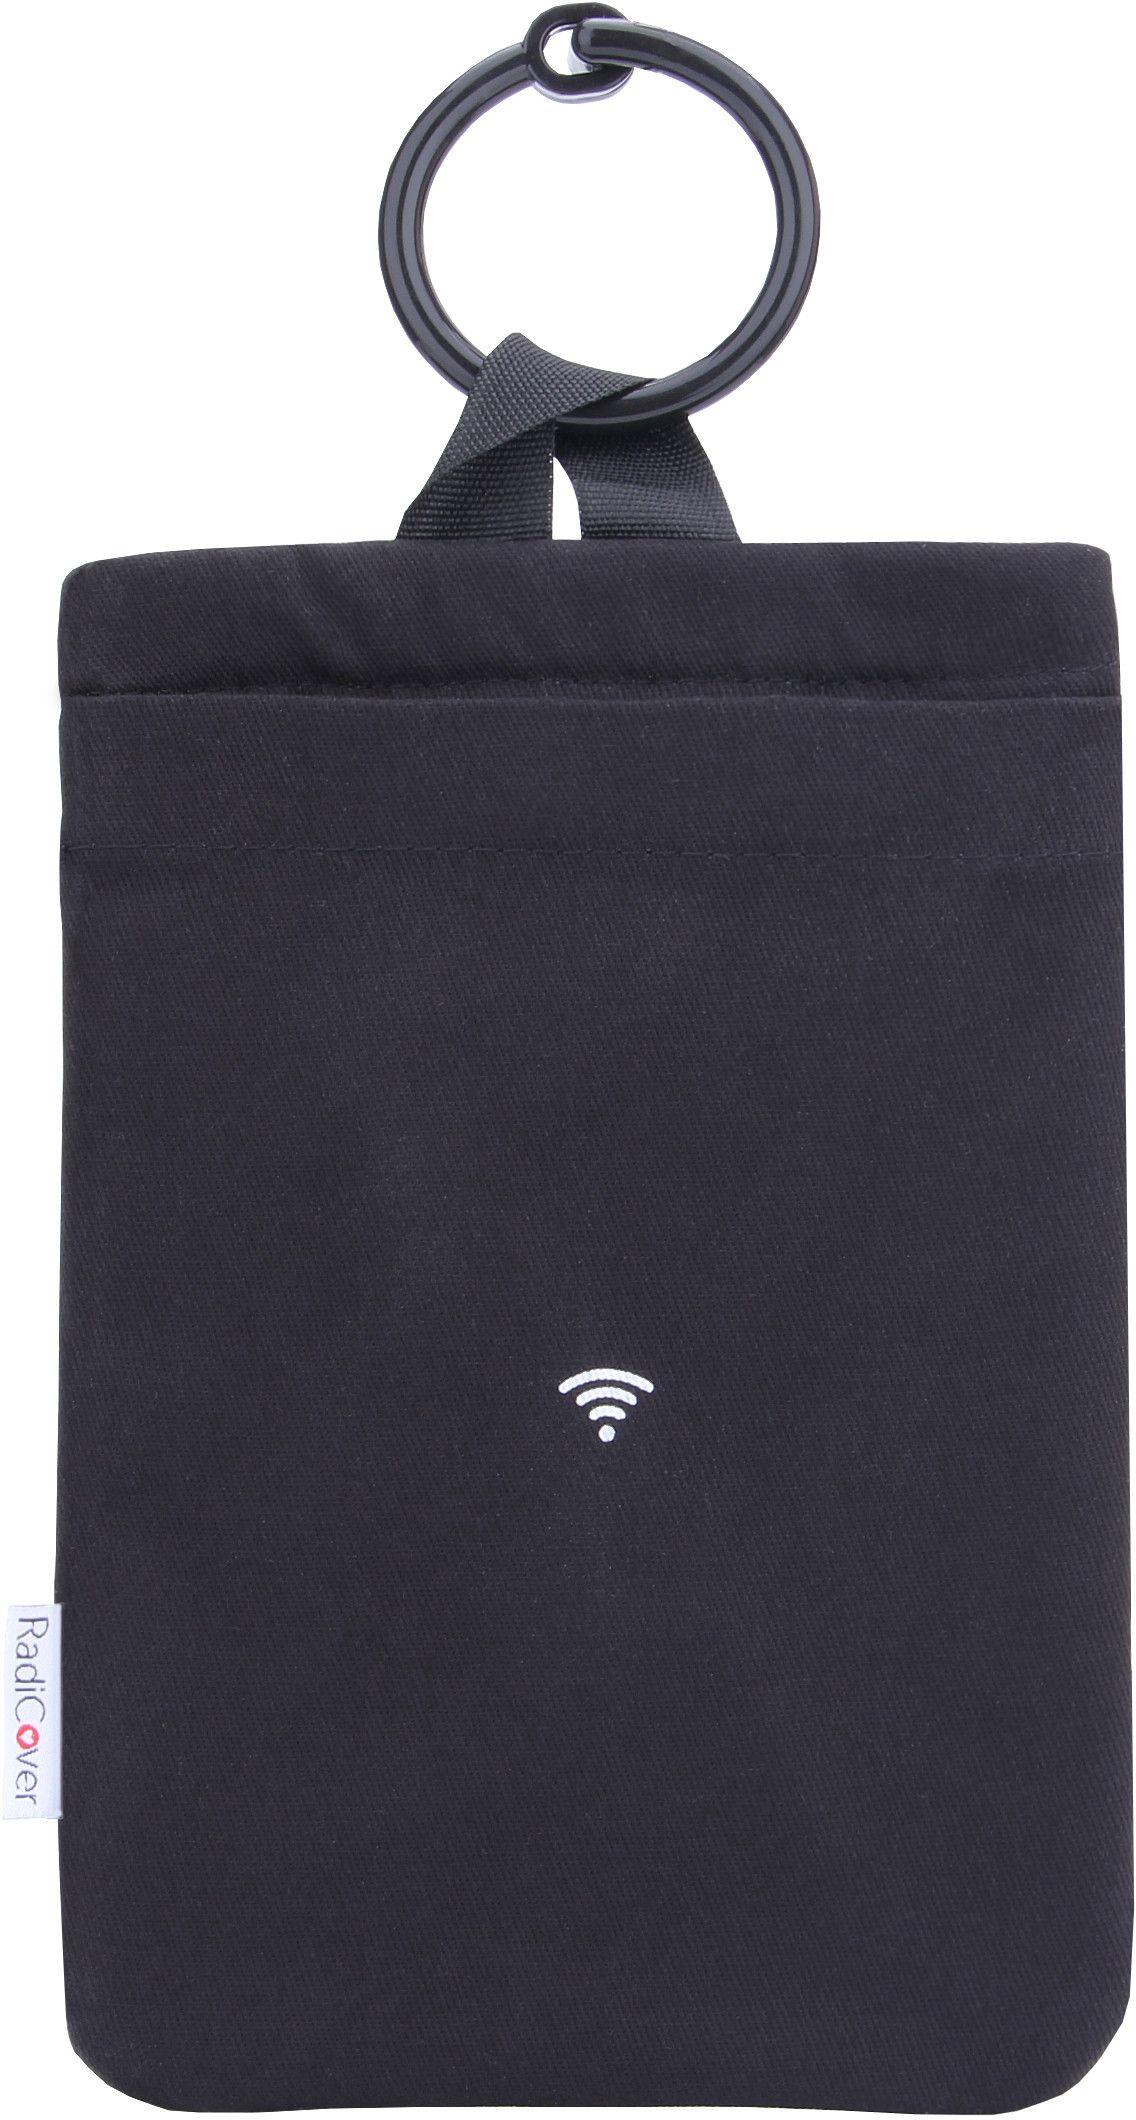 RadiCover Mobile Bag